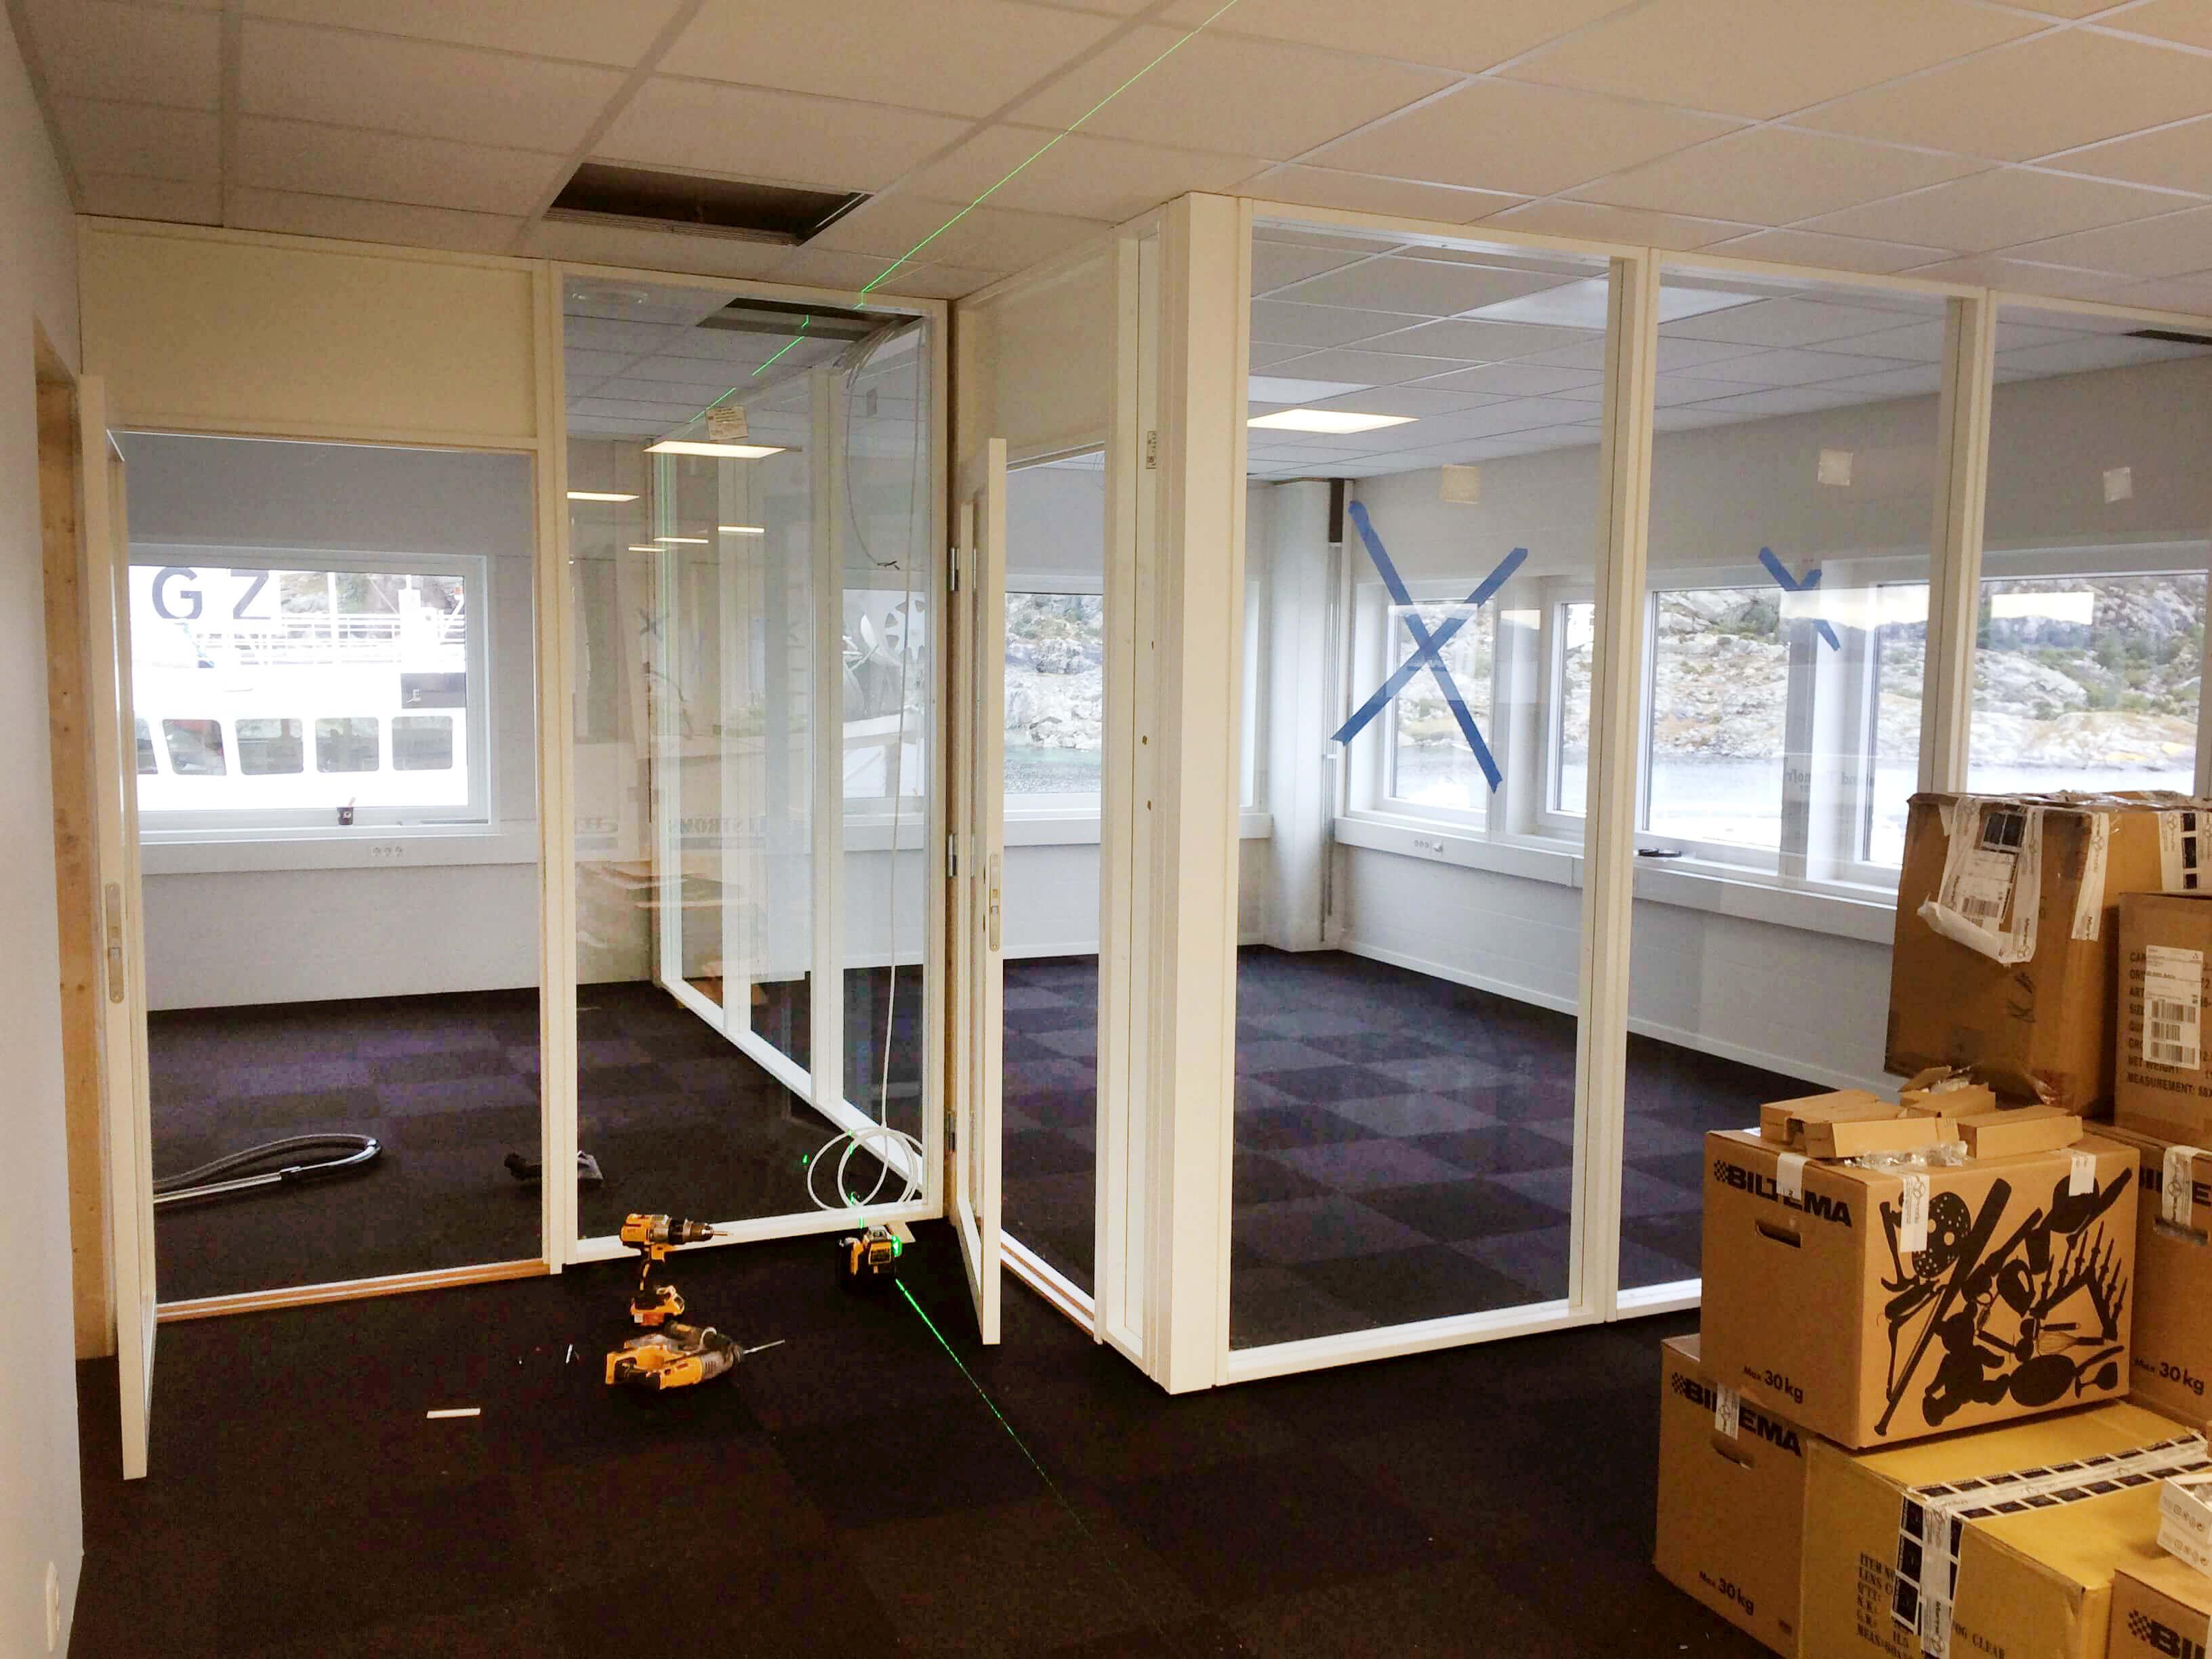 Innredning i kontorbygg med skillevegger av glass.